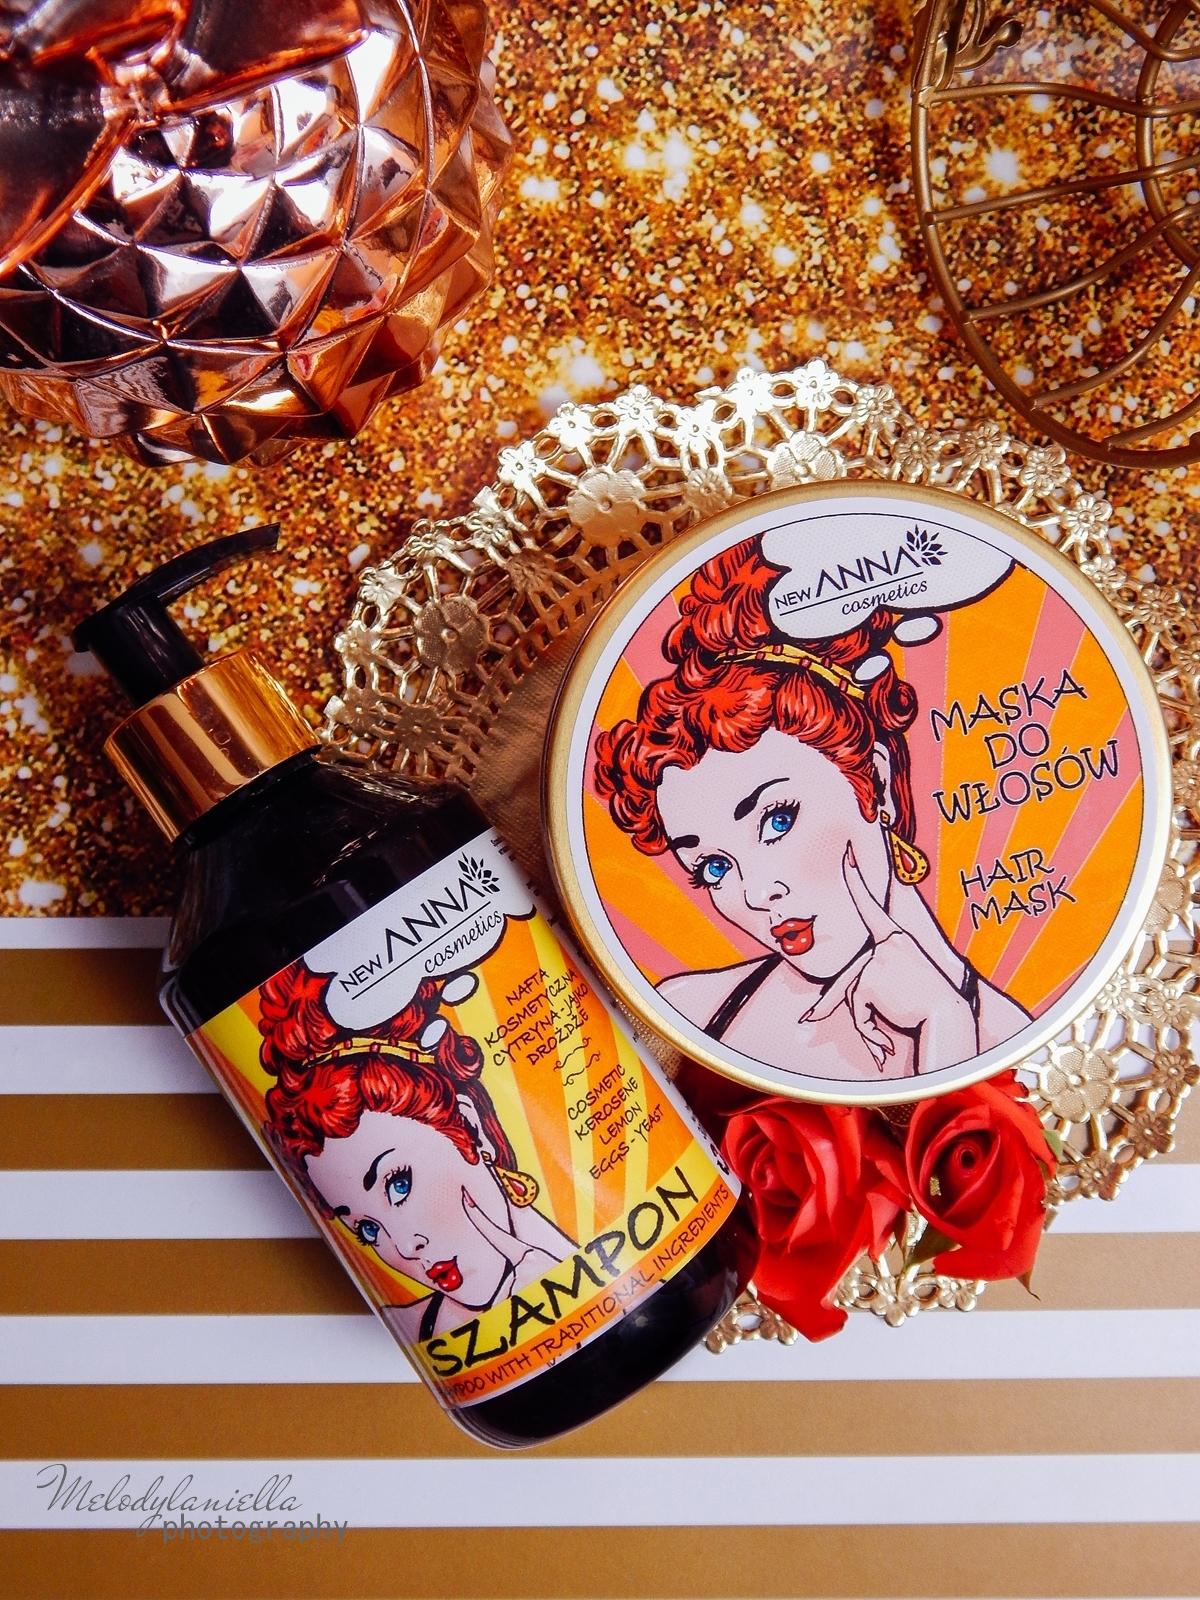 5 new anna cosmetics szampon z naftą kosmetyczną cytryną jajkiem i drożdżami maska do włosów z naftą kosmetyczną opinie recenzje szapon do włosow przetłuszczających się maska do włosów tłustych odrzywka-2